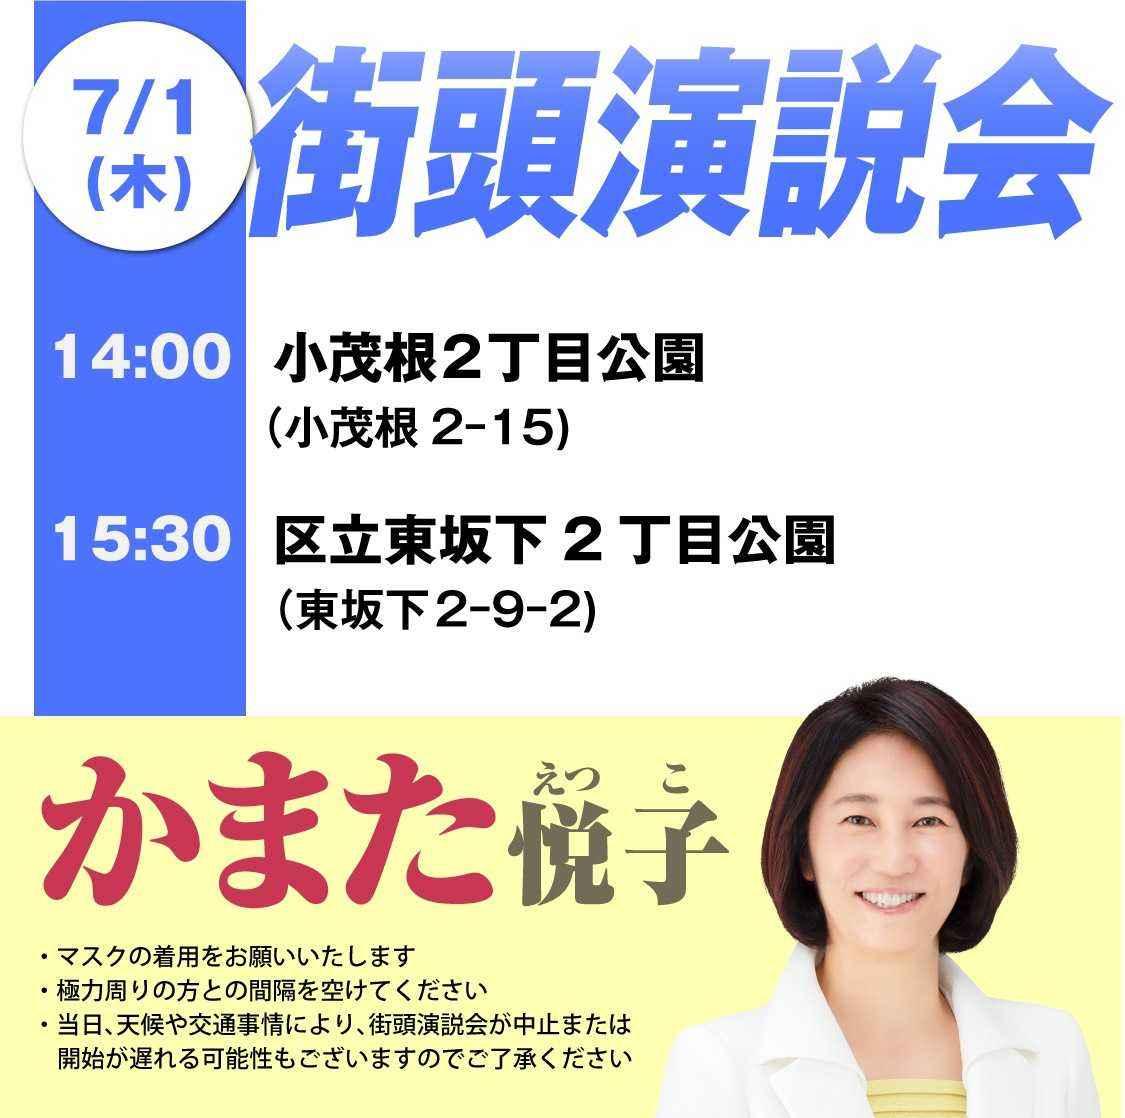 7月1日街頭演説会「かまた悦子」都議選・板橋区